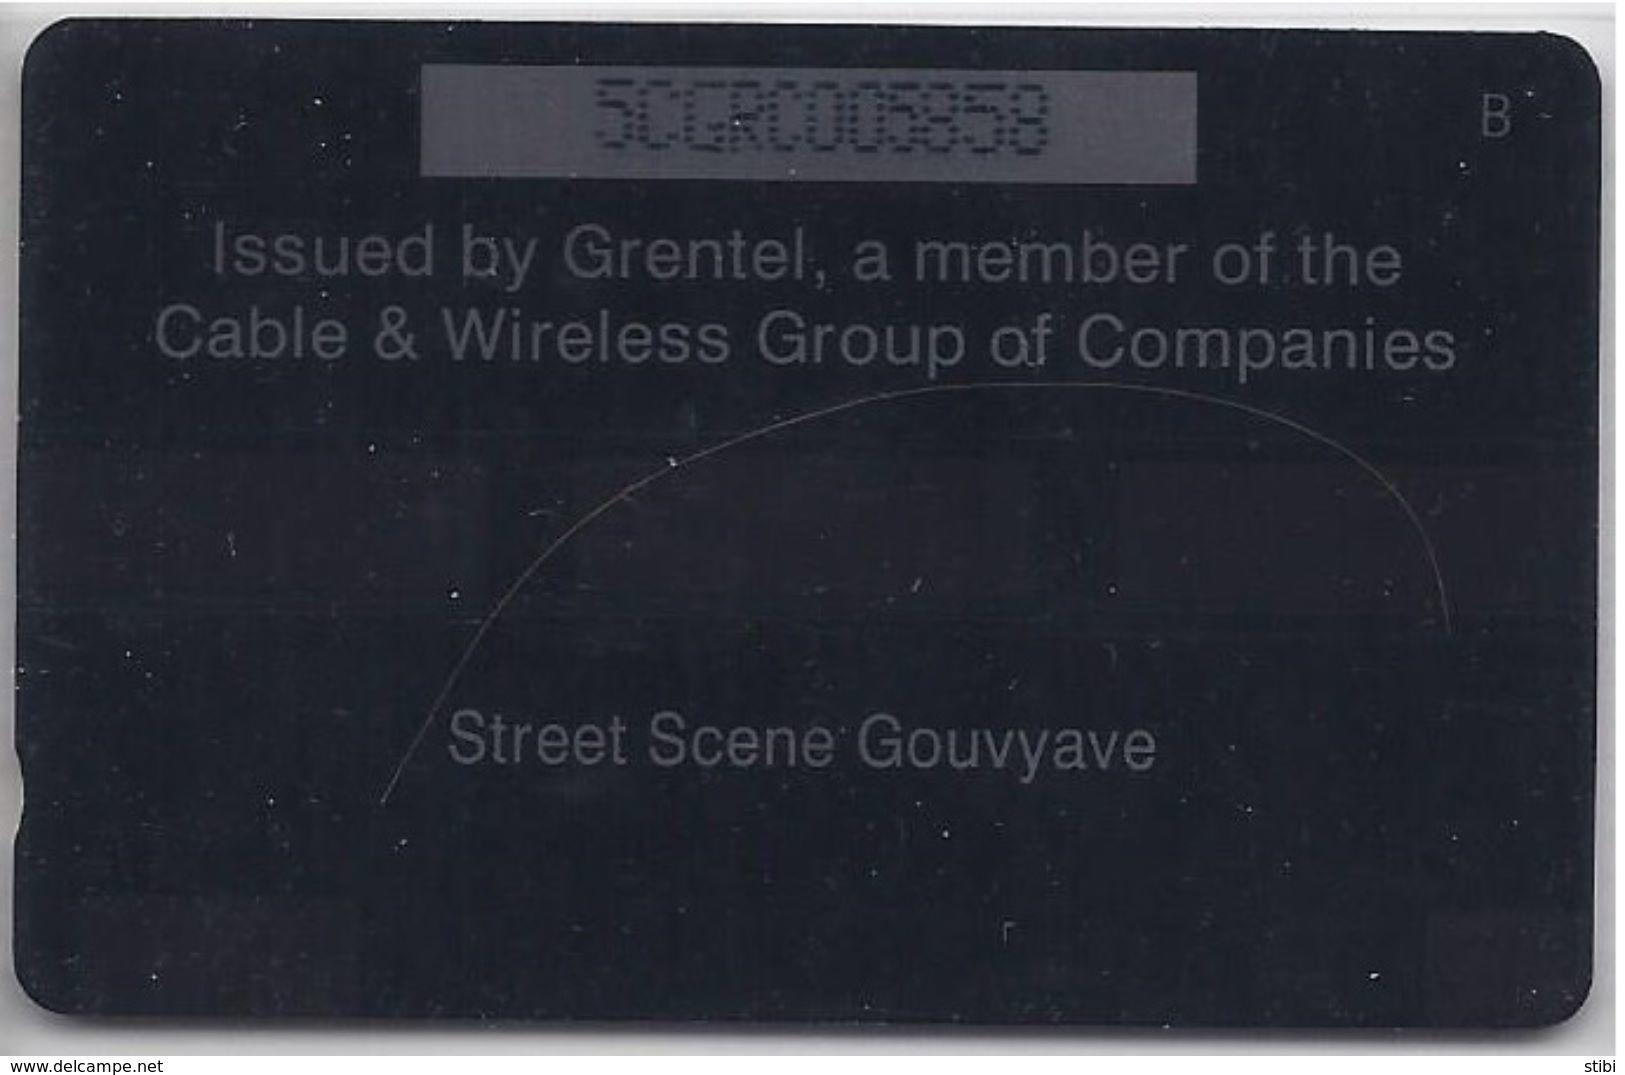 GRENADA - STREET SCENE GOUVYAVE - 5CGRC - Grenada